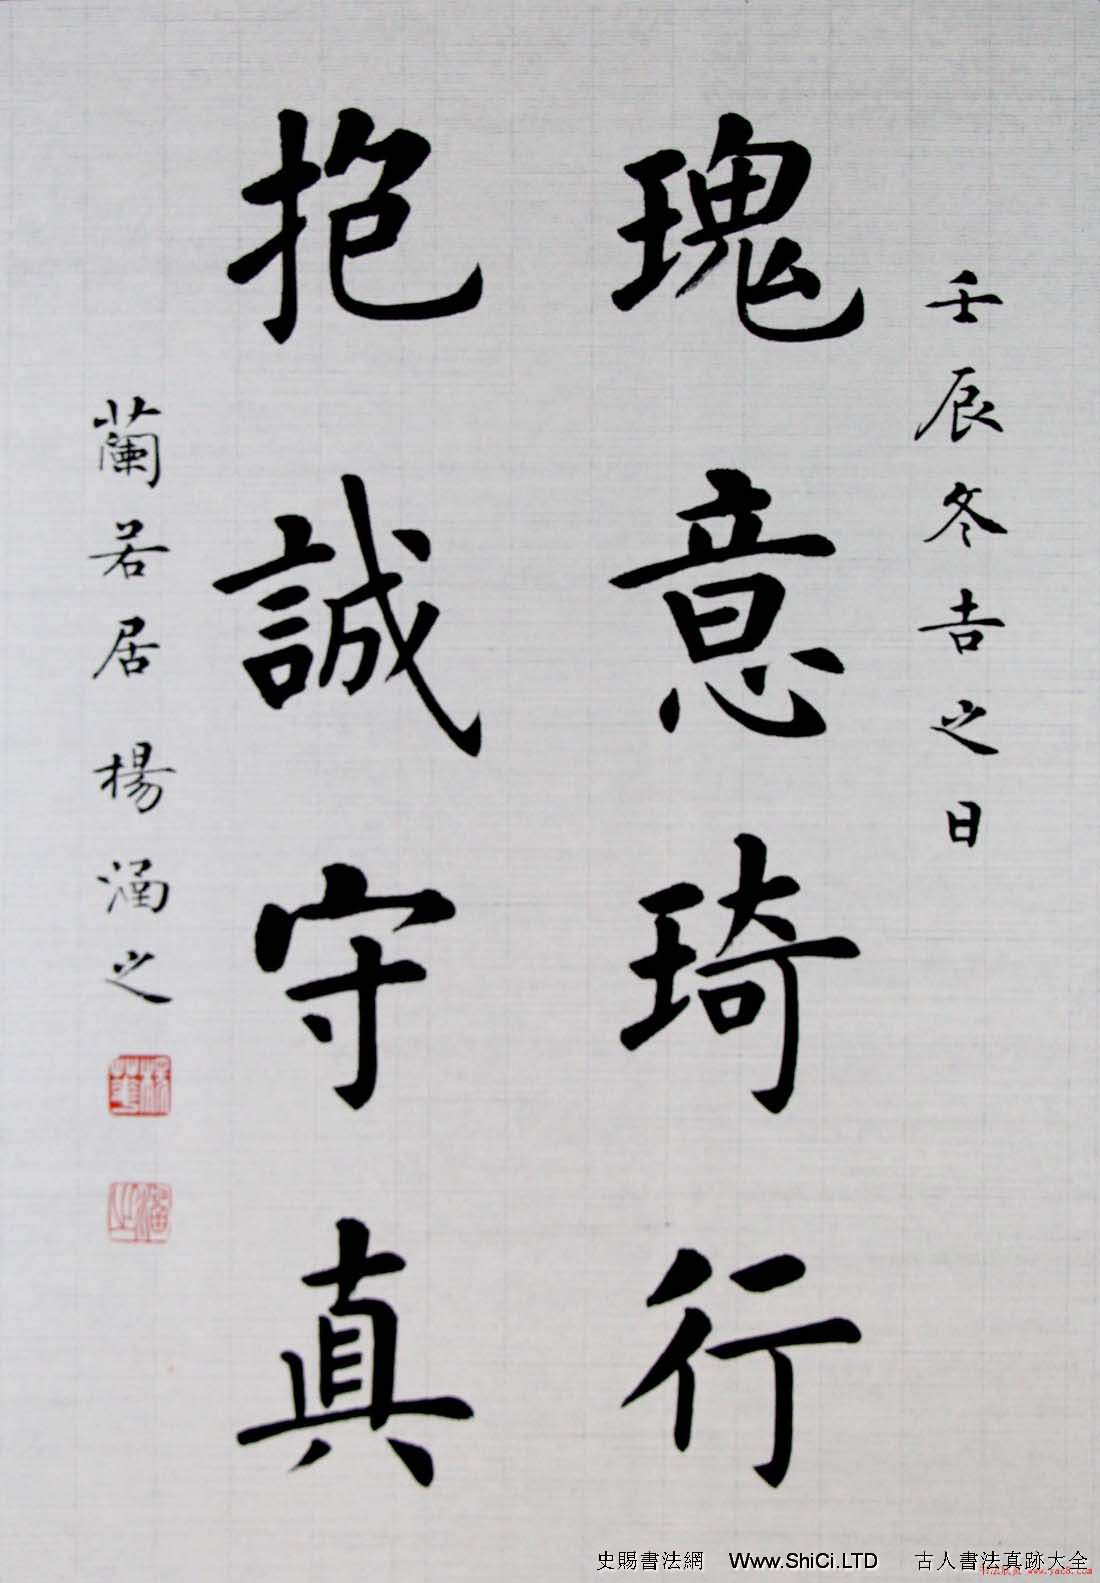 楊涵之楷書篆書作品真跡《古賢名句》(共27張圖片)